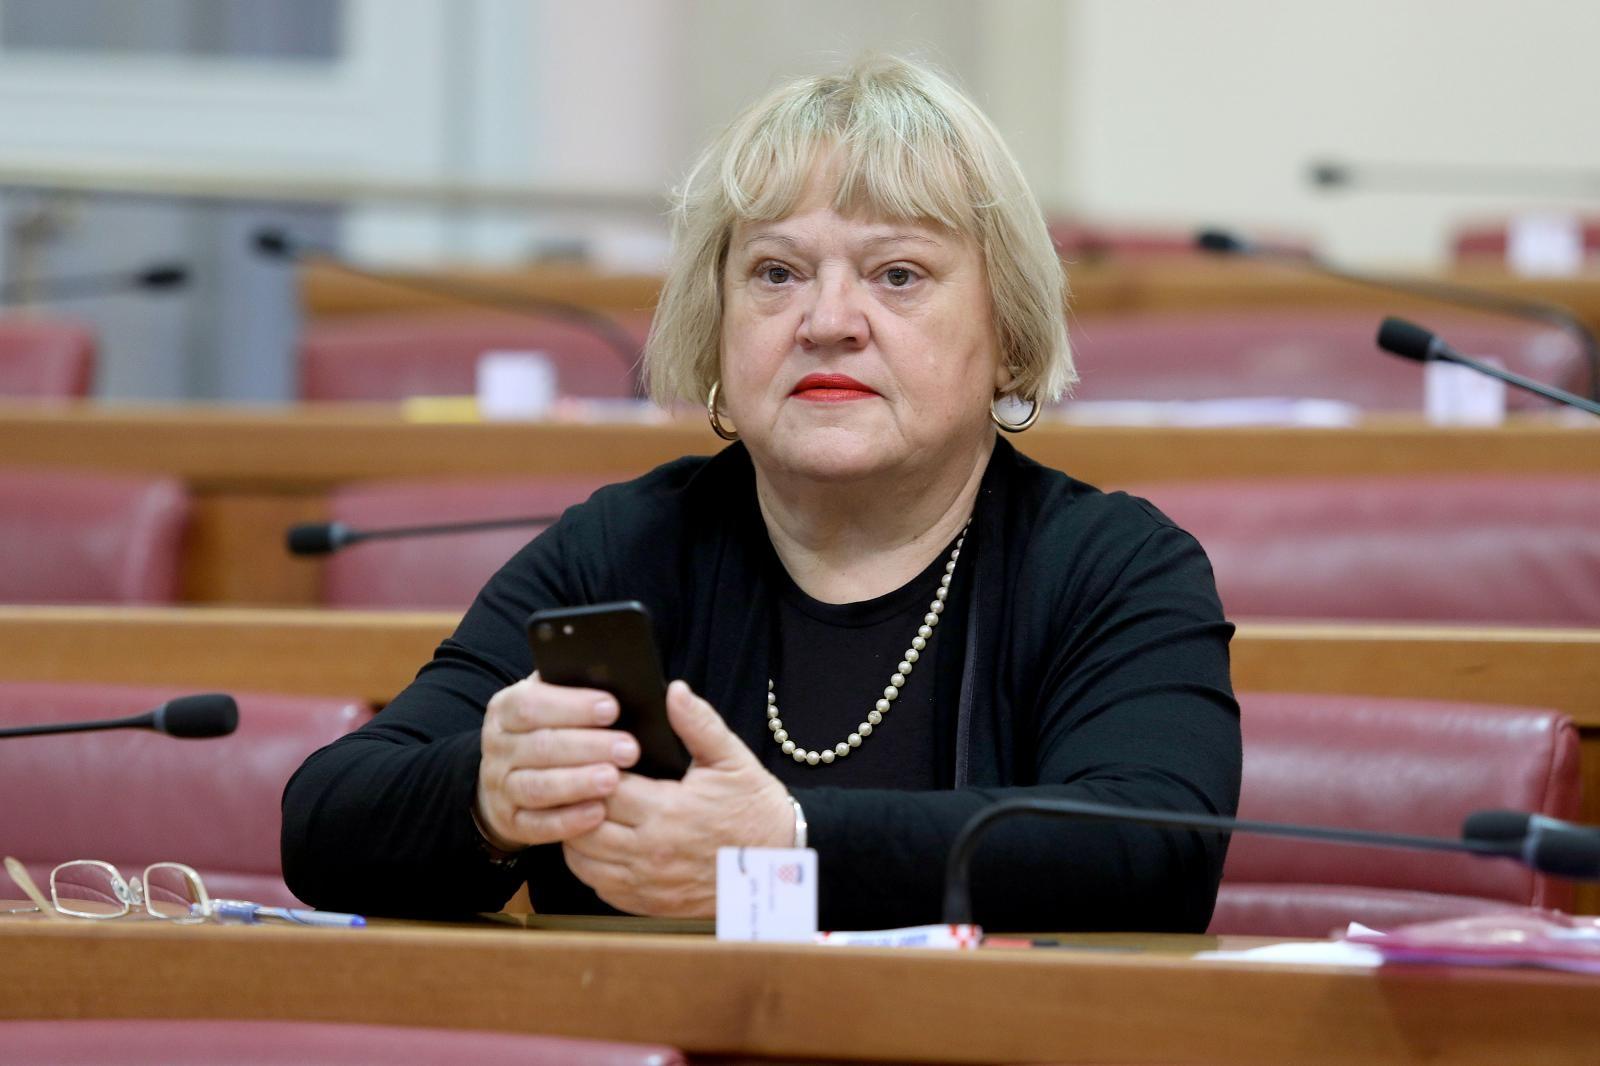 Mrak-Taritaš poručila Bandiću da skuplja otpad, a ne otpadnike